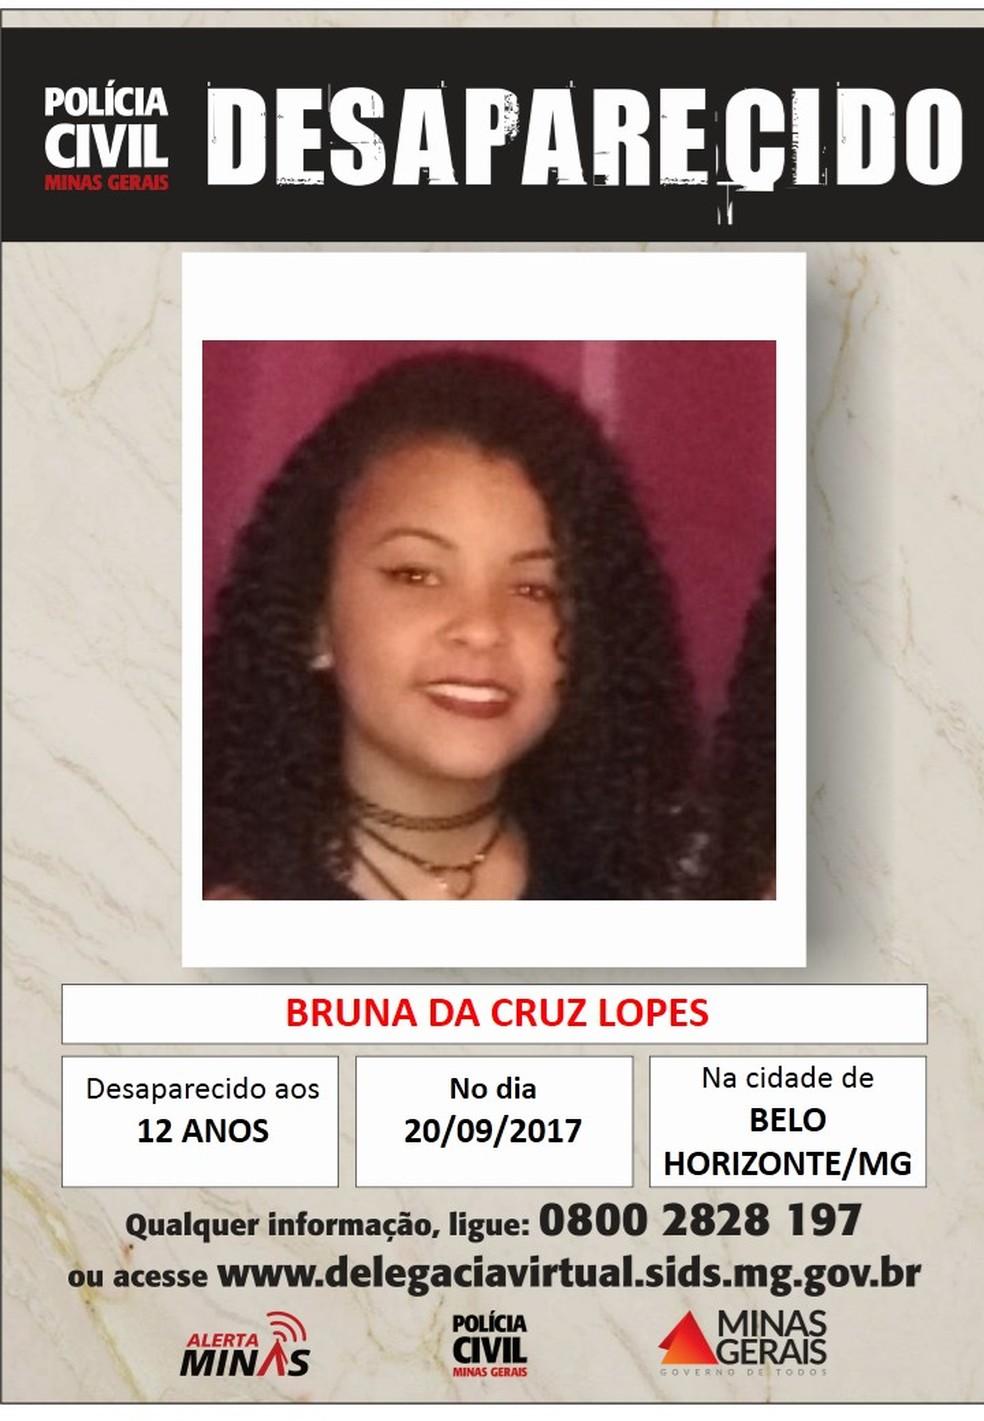 Bruna da Cruz Lopes, de 12 anos (Foto: Polícia Civil/Divulgação)